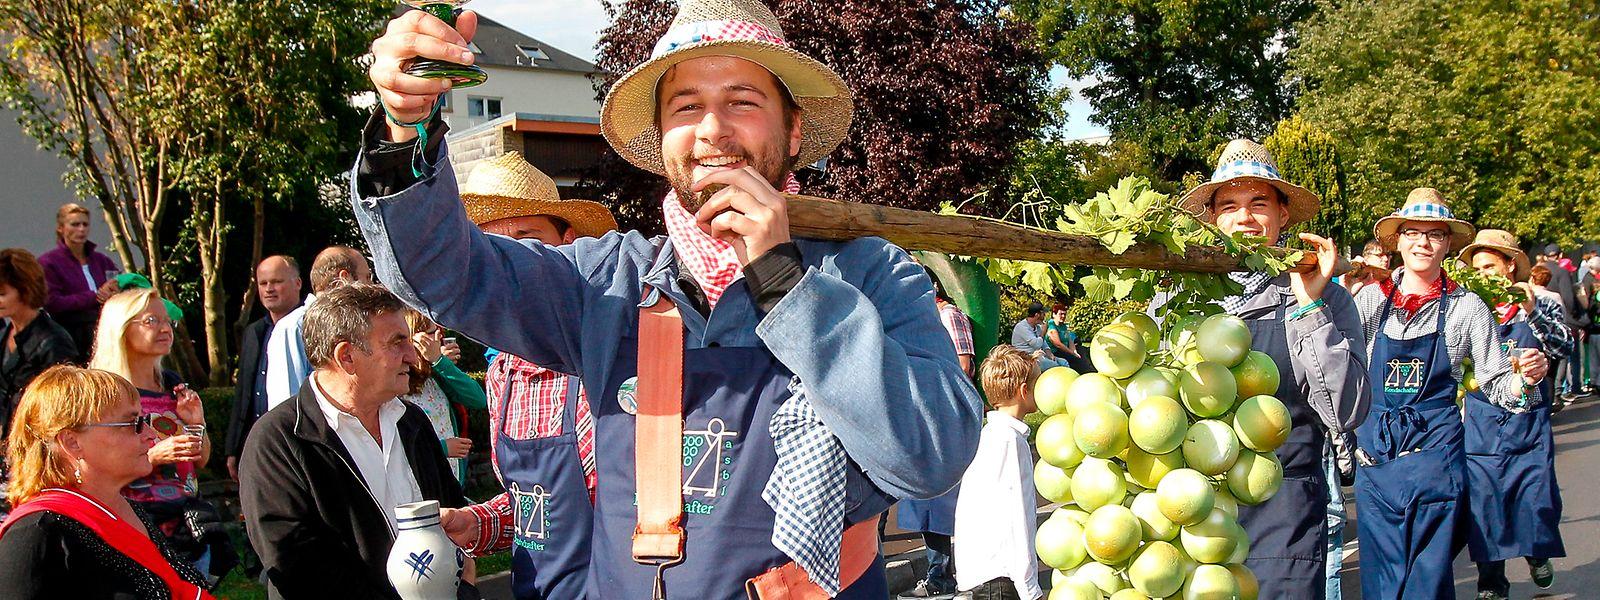 Der folkloristische Umzug in den von Menschen umsäumten Straßen gehörte vor Corona zum festen Programm des Festes. Doch pandemiebedingt wird es dieses Jahr anders aussehen.